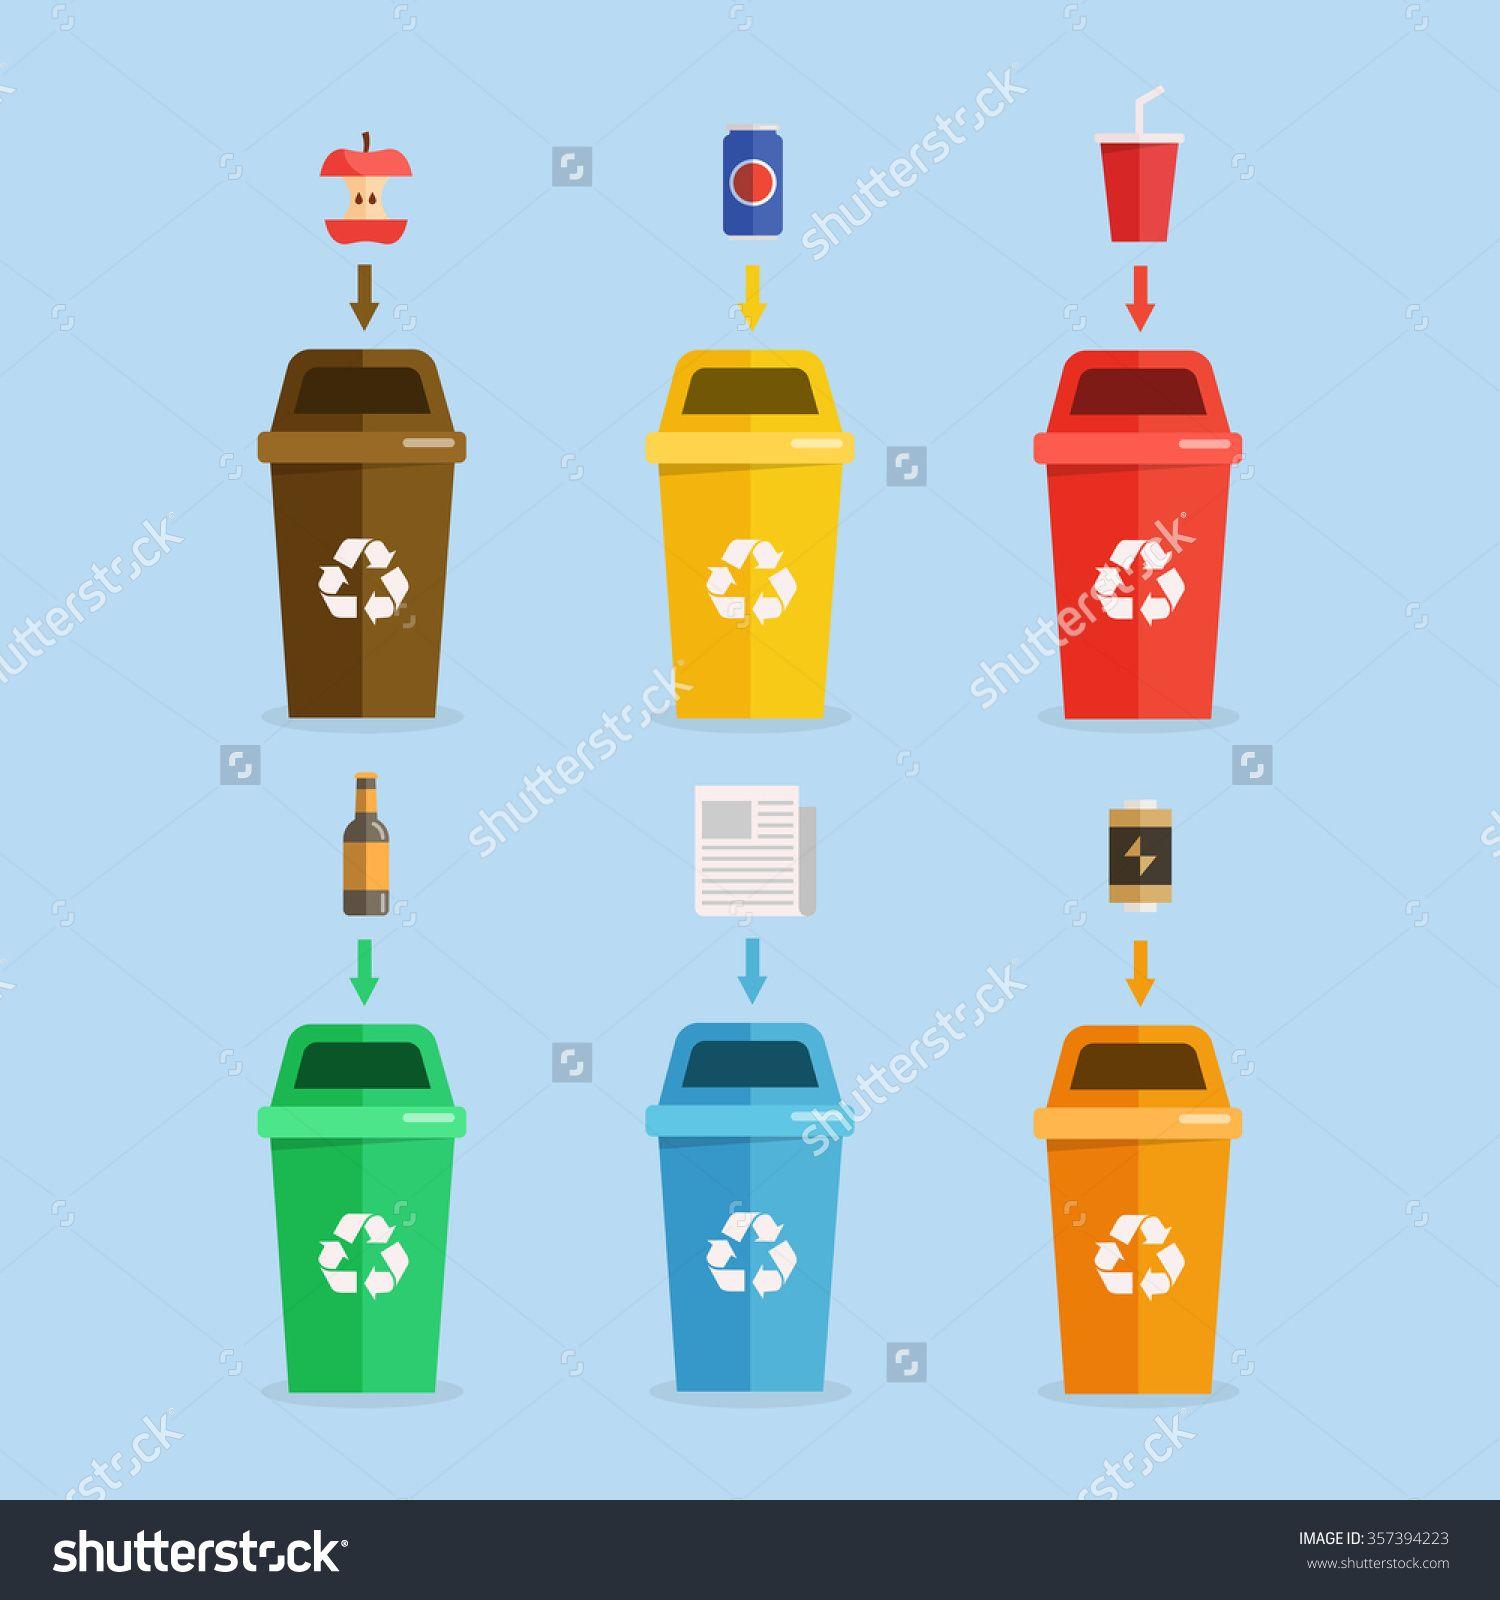 Garbage clipart waste separation. Management concept illustration segregation